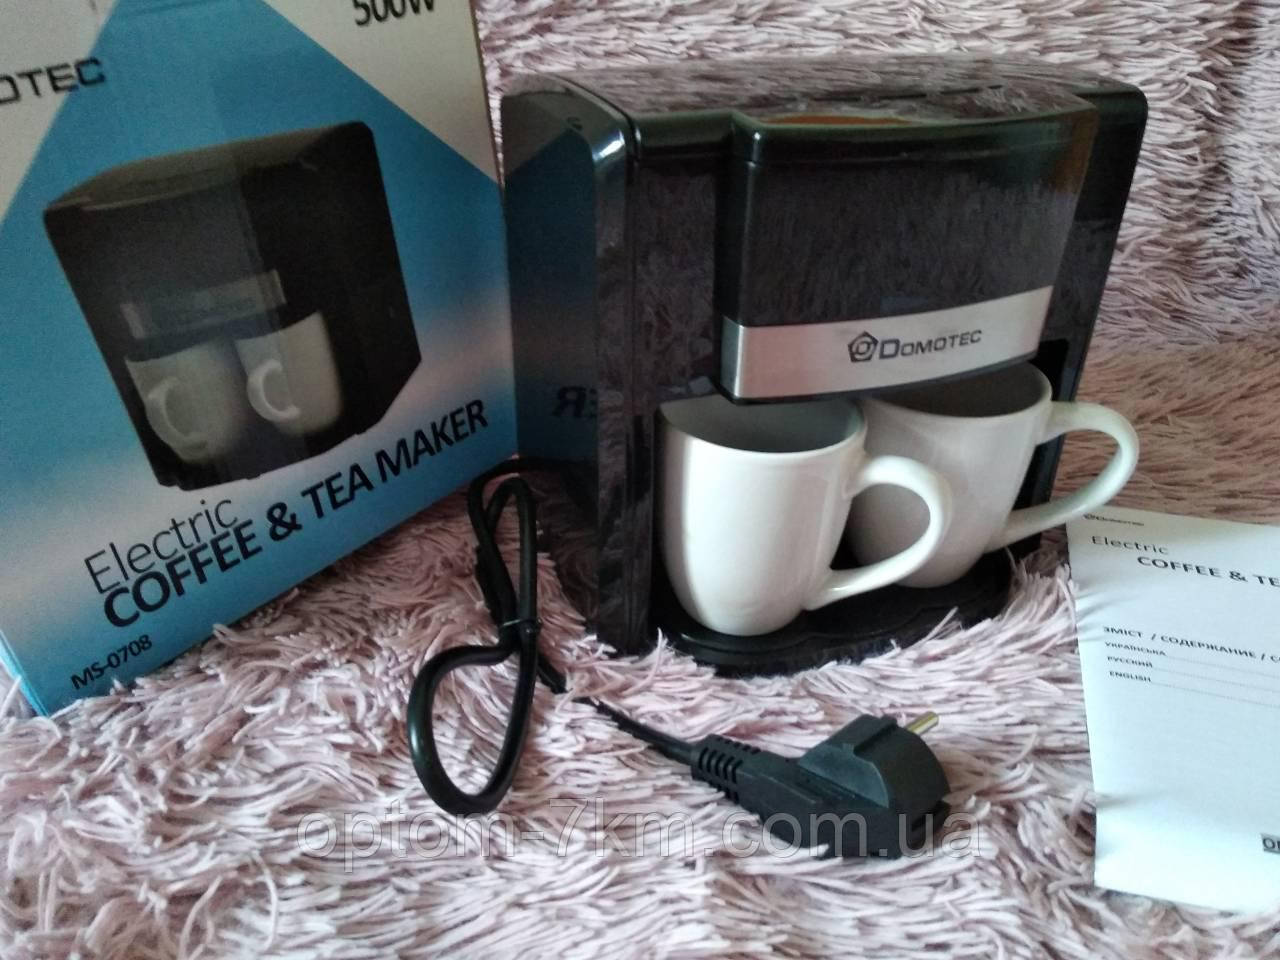 Кофеварка Электрическая на 2 Чашки Domotec MS-0708